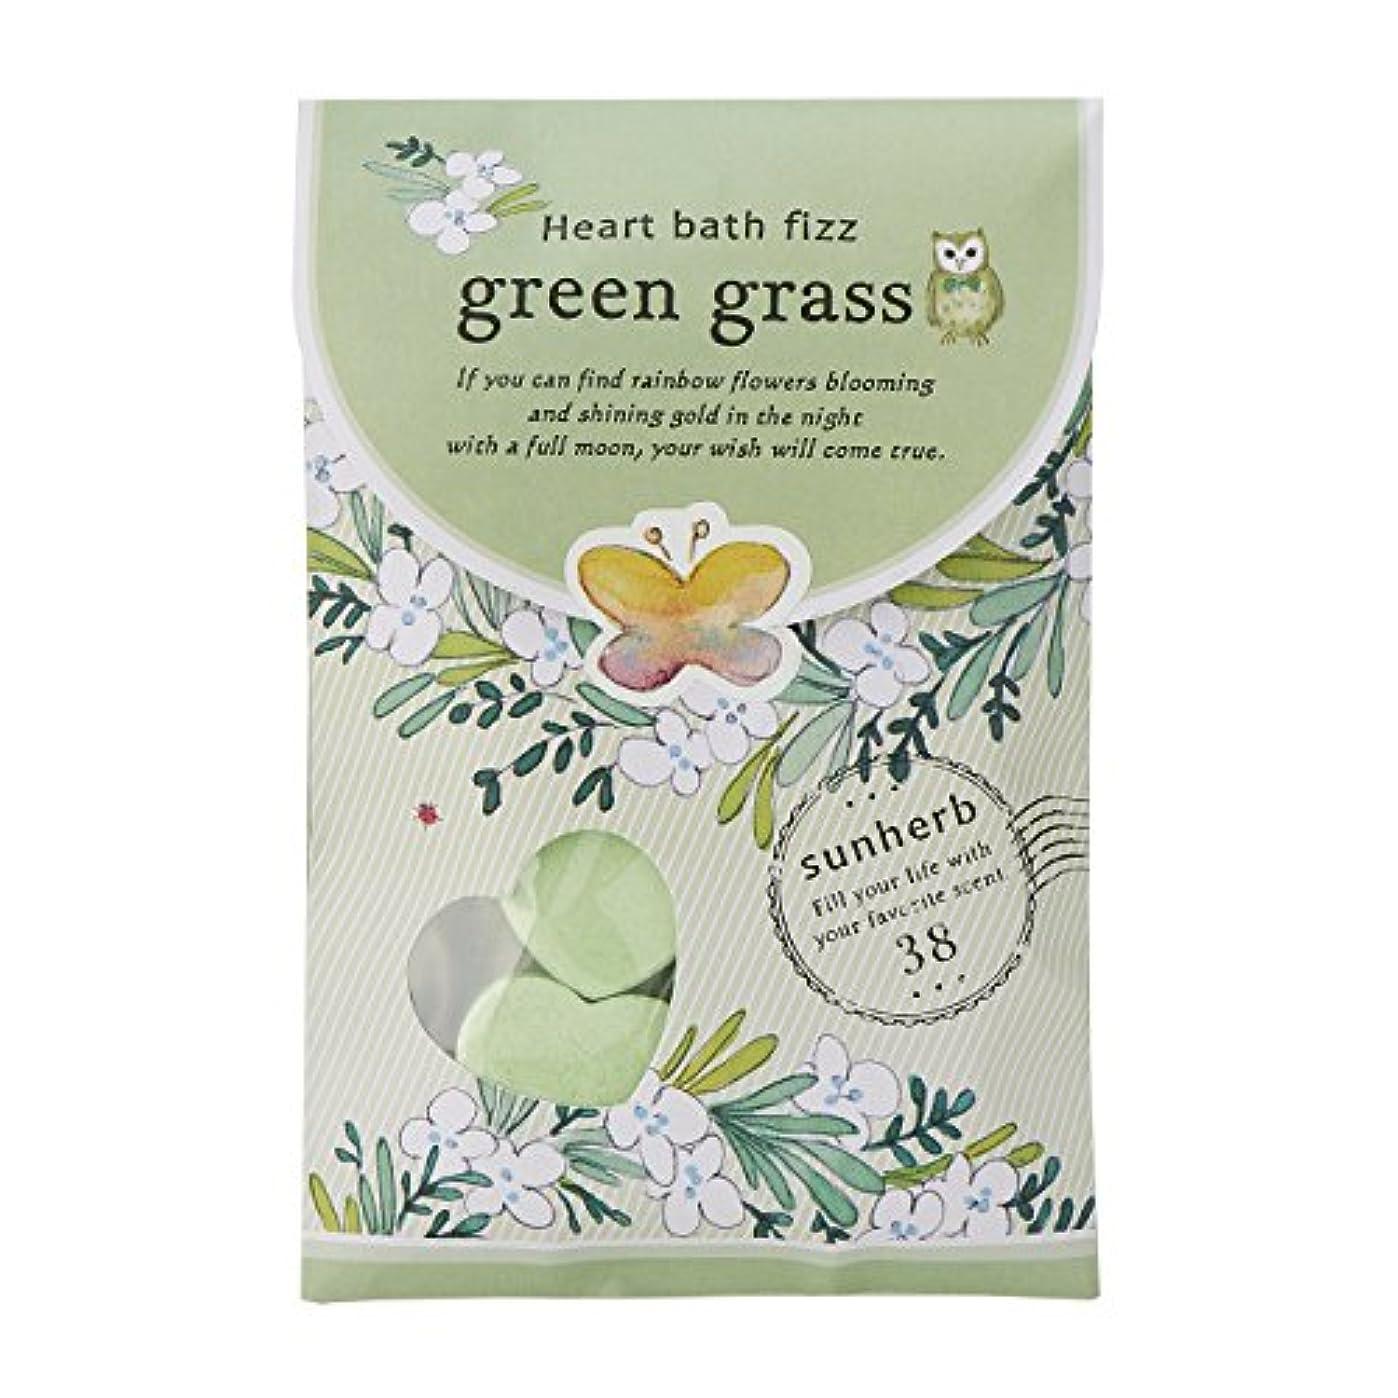 現実超えて切るサンハーブ ハートバスフィズ28g×2包 グリーングラス(発泡タイプの入浴料 爽やかでちょっと大人の香り)